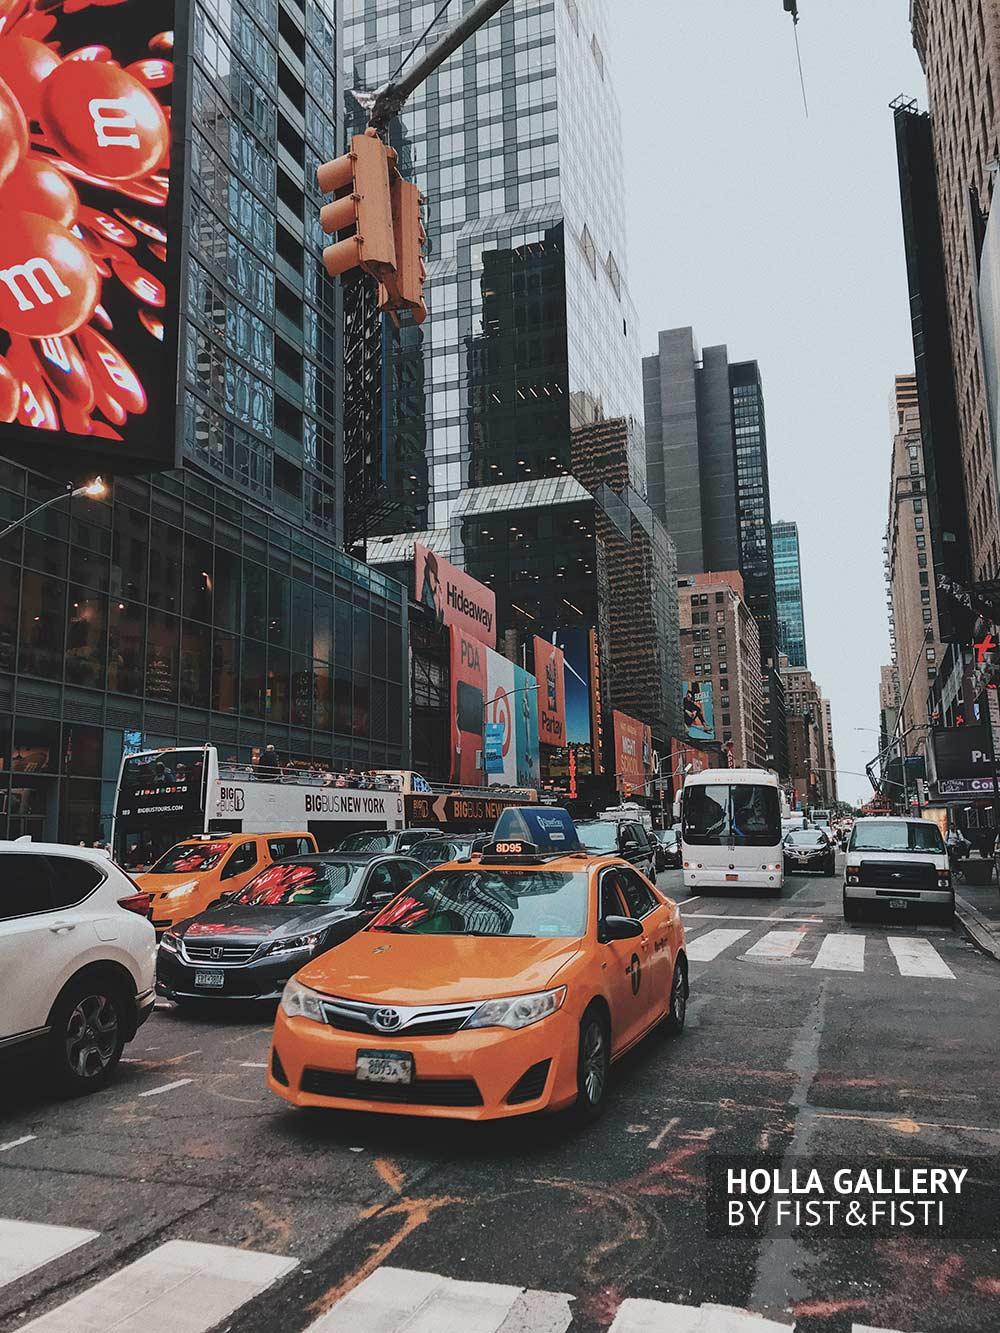 Желтое такси на фоне небоскребов. Улицы New York. Фото для интерьера